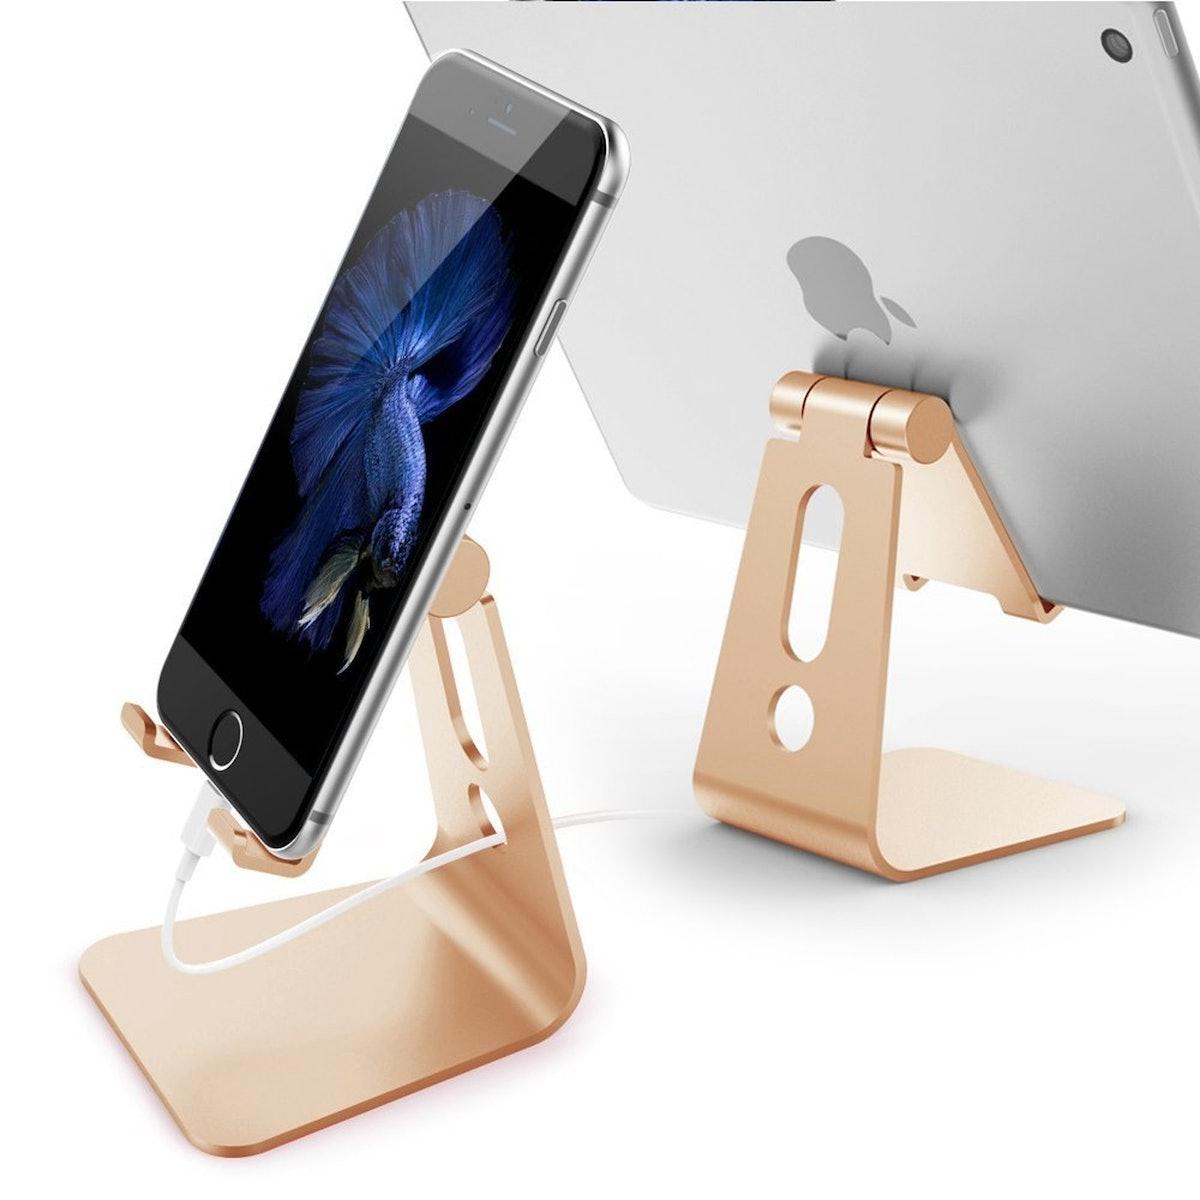 Skomet Multi-angle adjustable Phone Stand